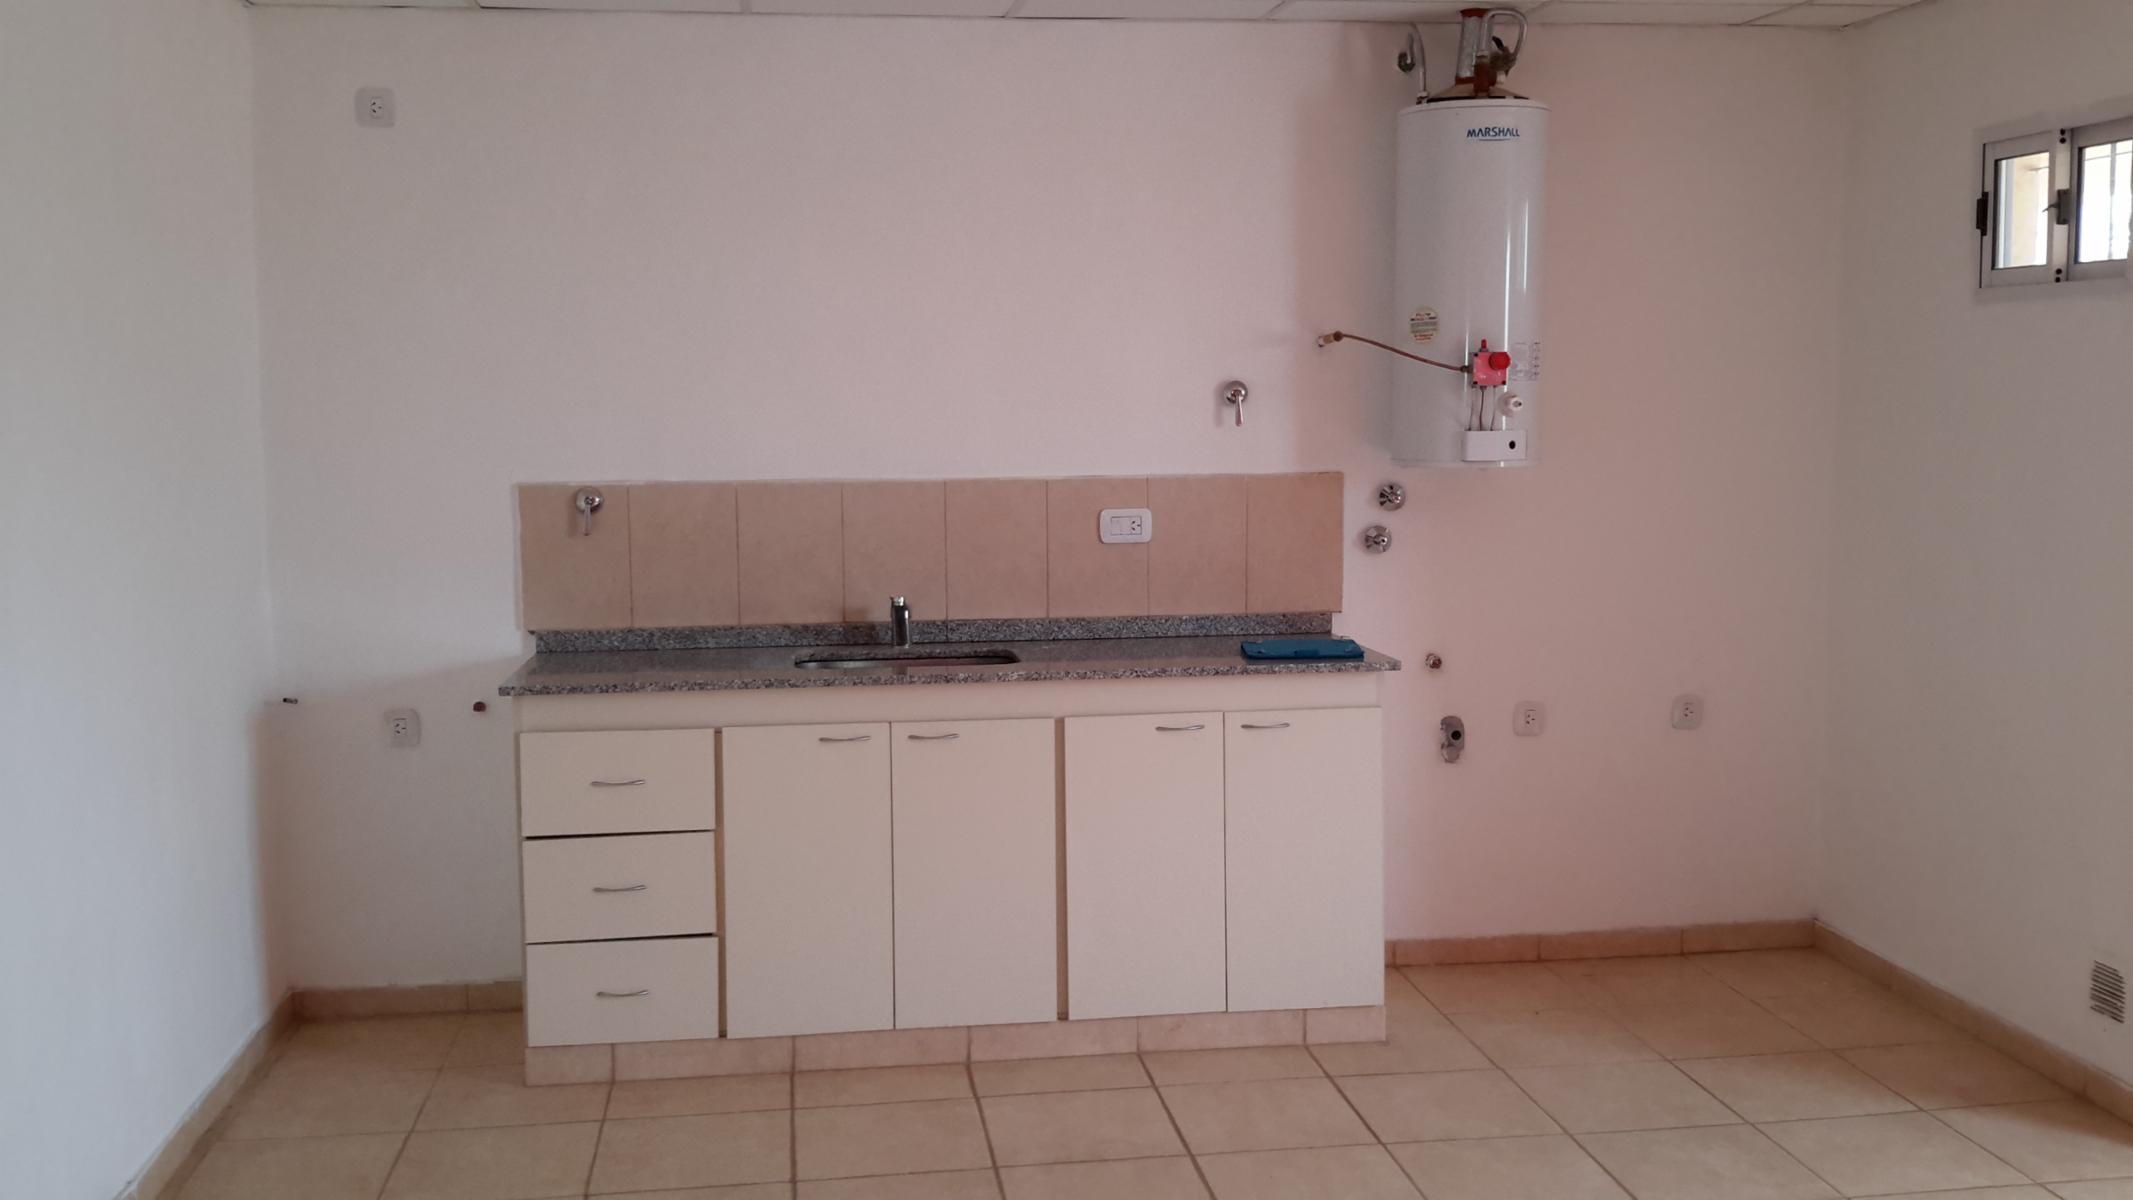 DISPONIBLE UN DORMITORIO POR ESCALERAS, SFerrari Inmobiliaria